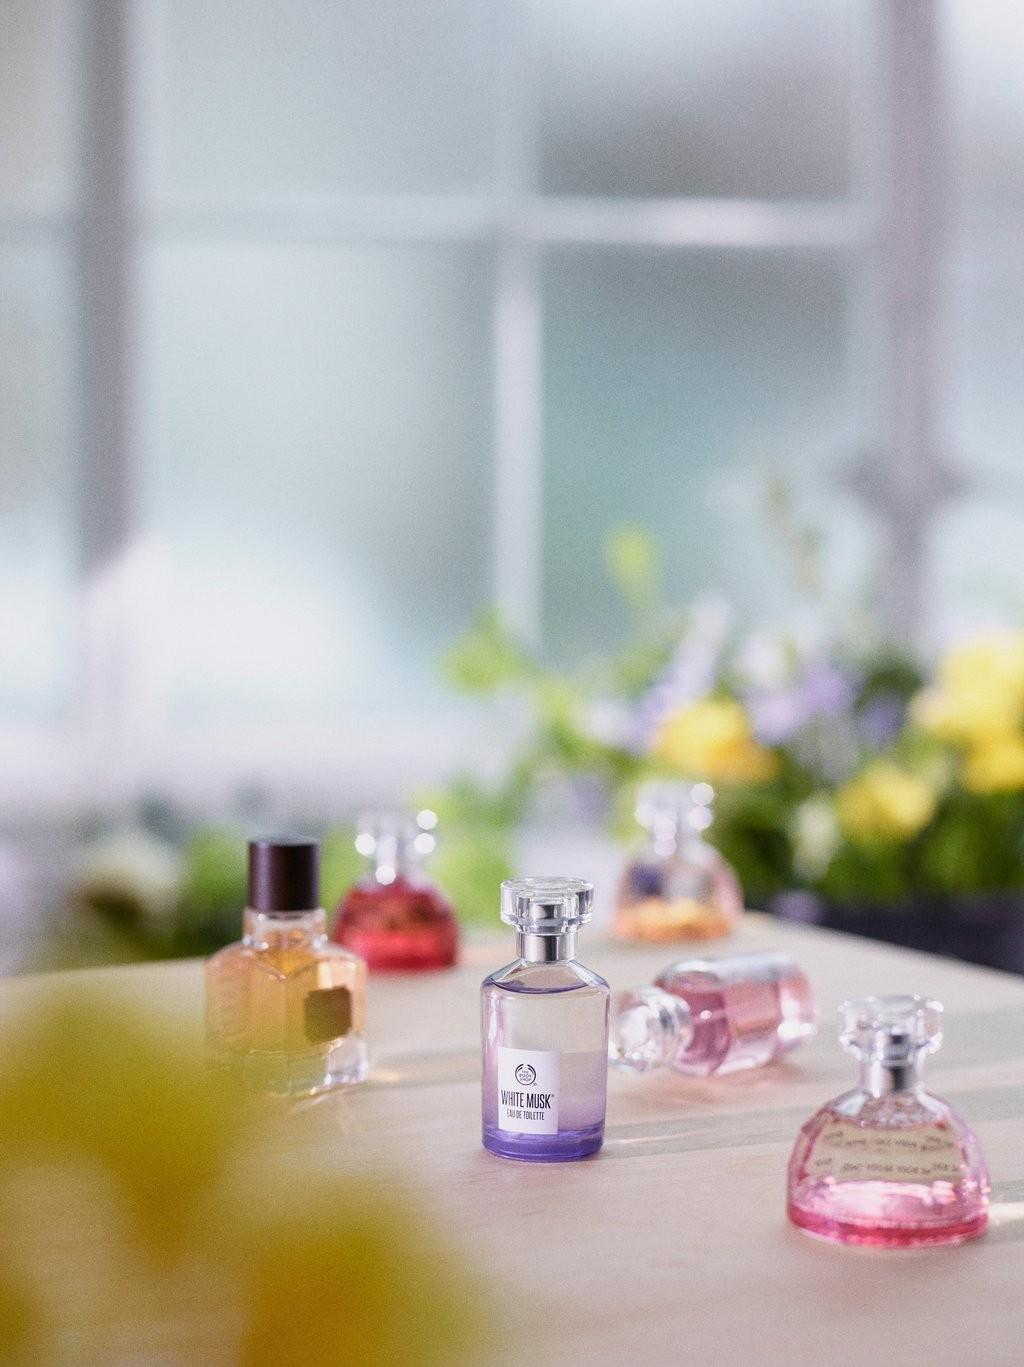 Bouteilles de parfum The Body Shop